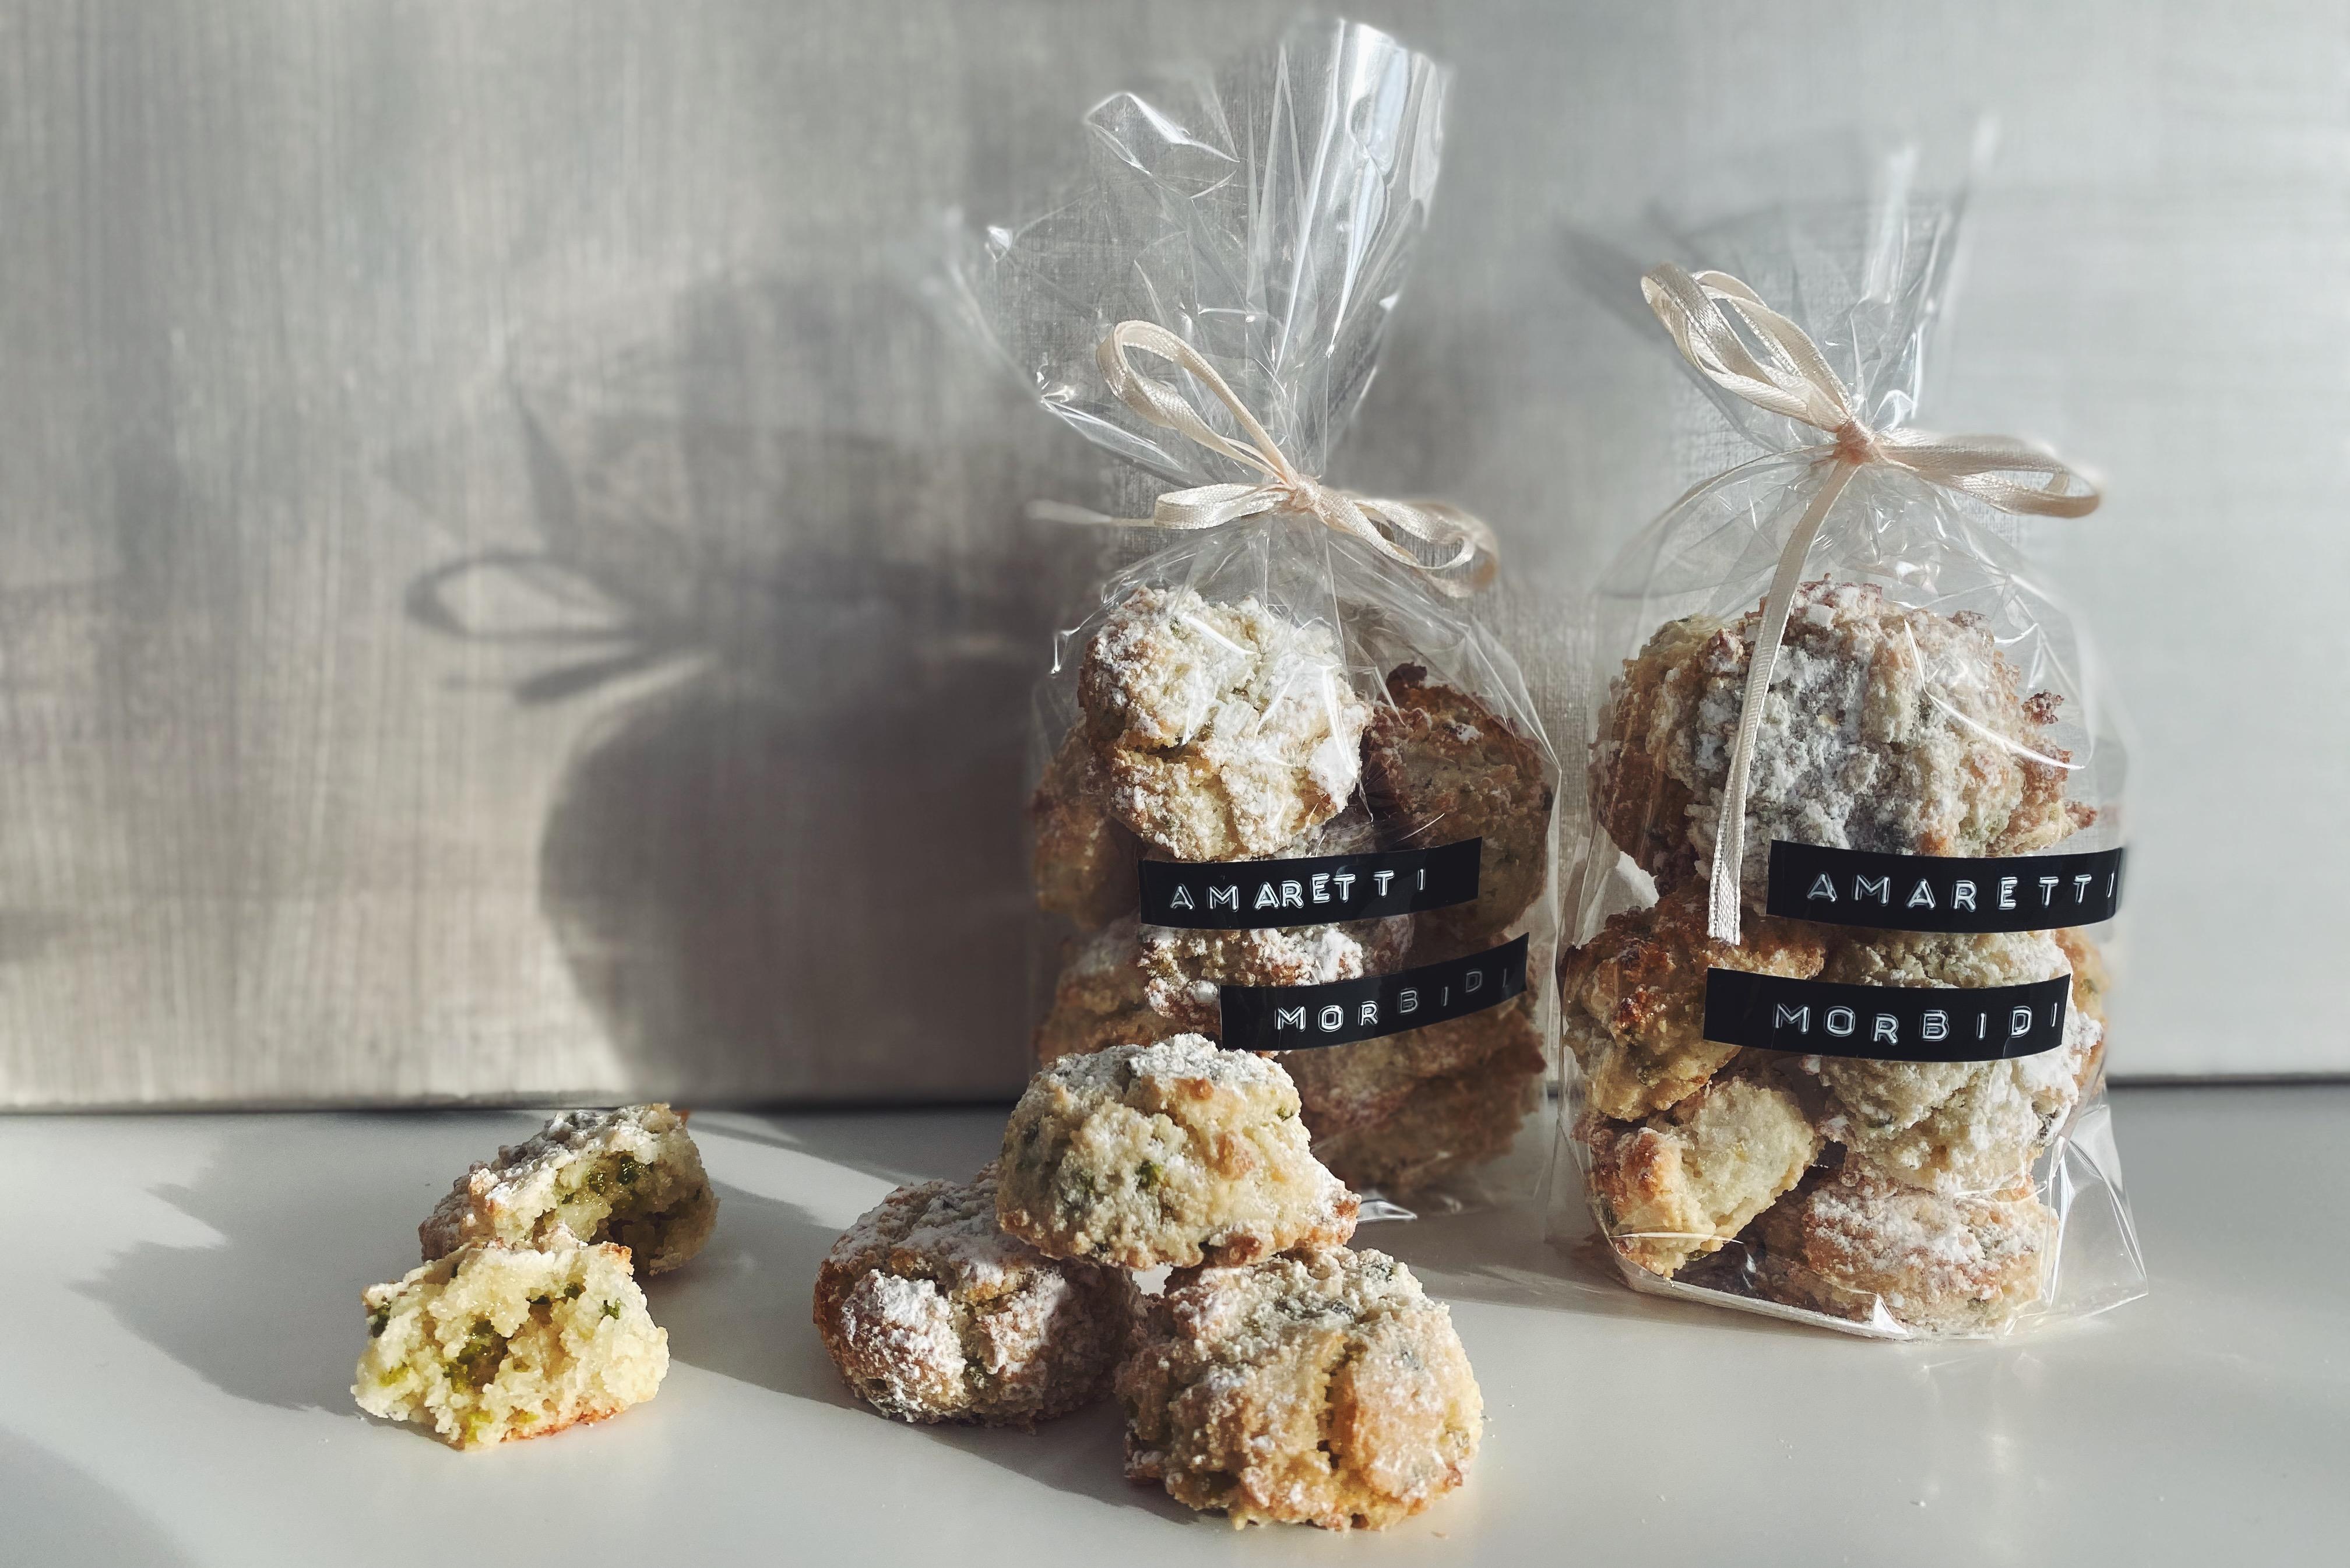 Amaretti morbidi: Das kleine italienische Mandel-Gebäck